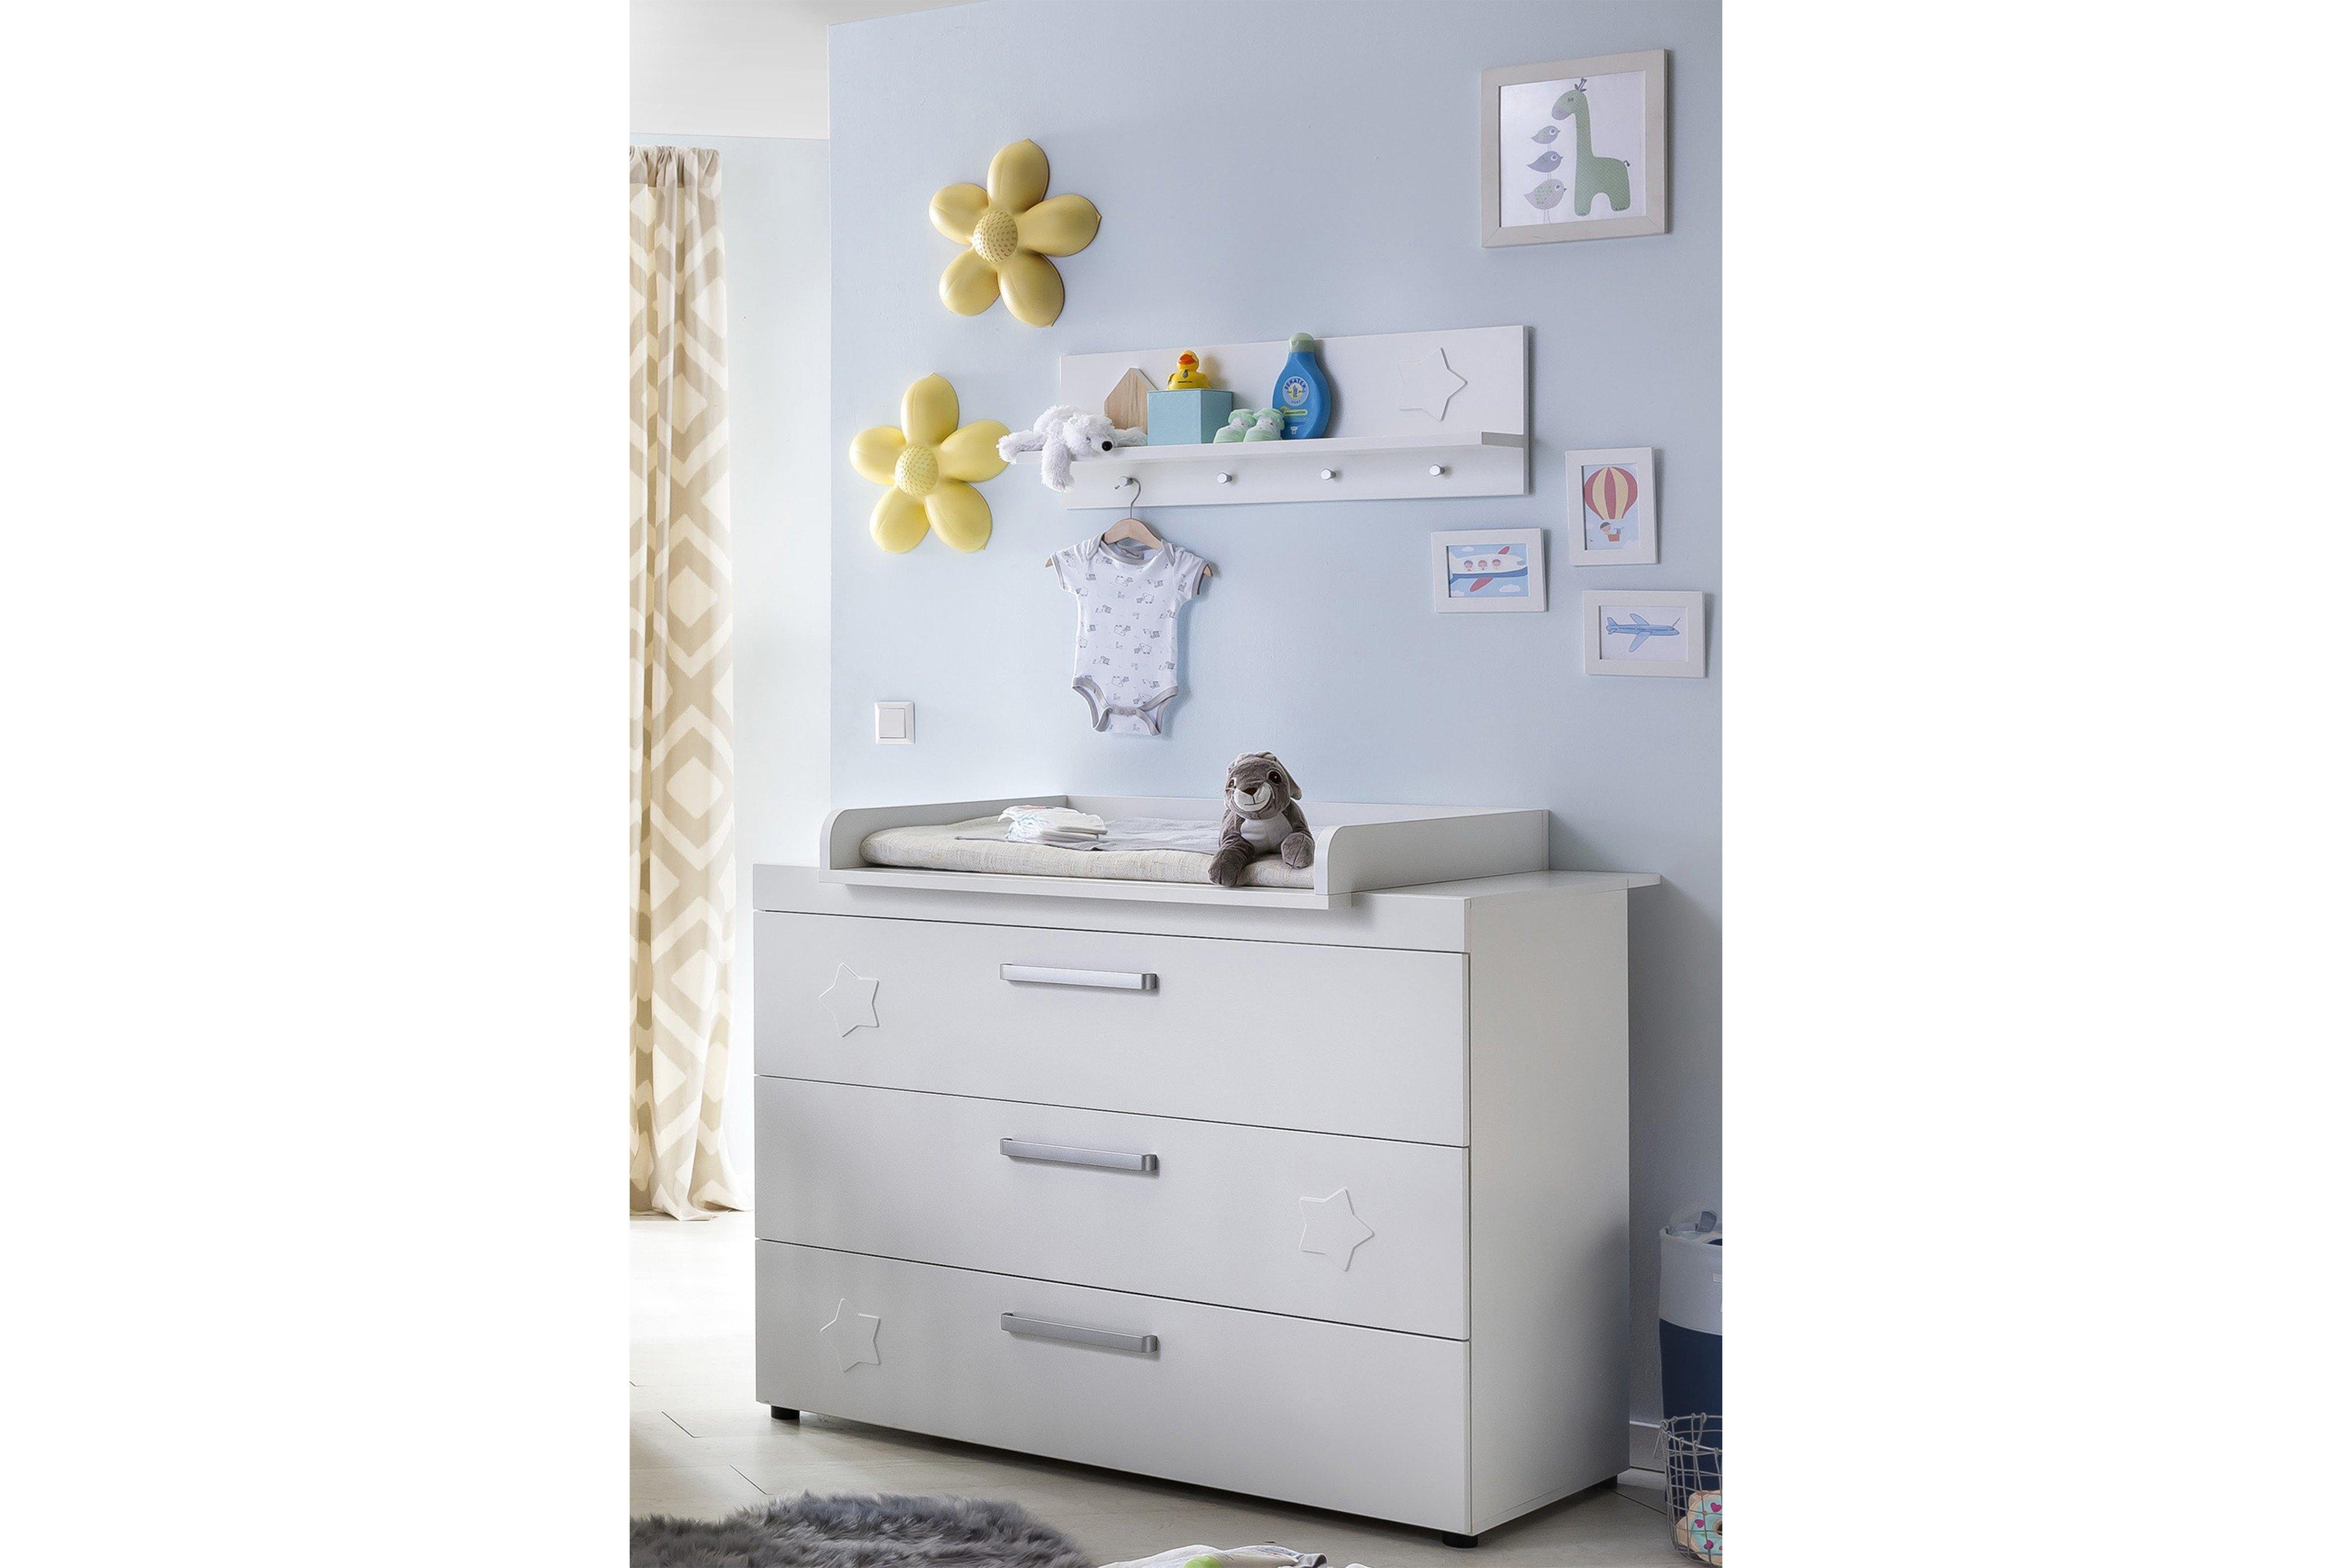 wickelkommode stars von trendteam wei m bel letz ihr online shop. Black Bedroom Furniture Sets. Home Design Ideas